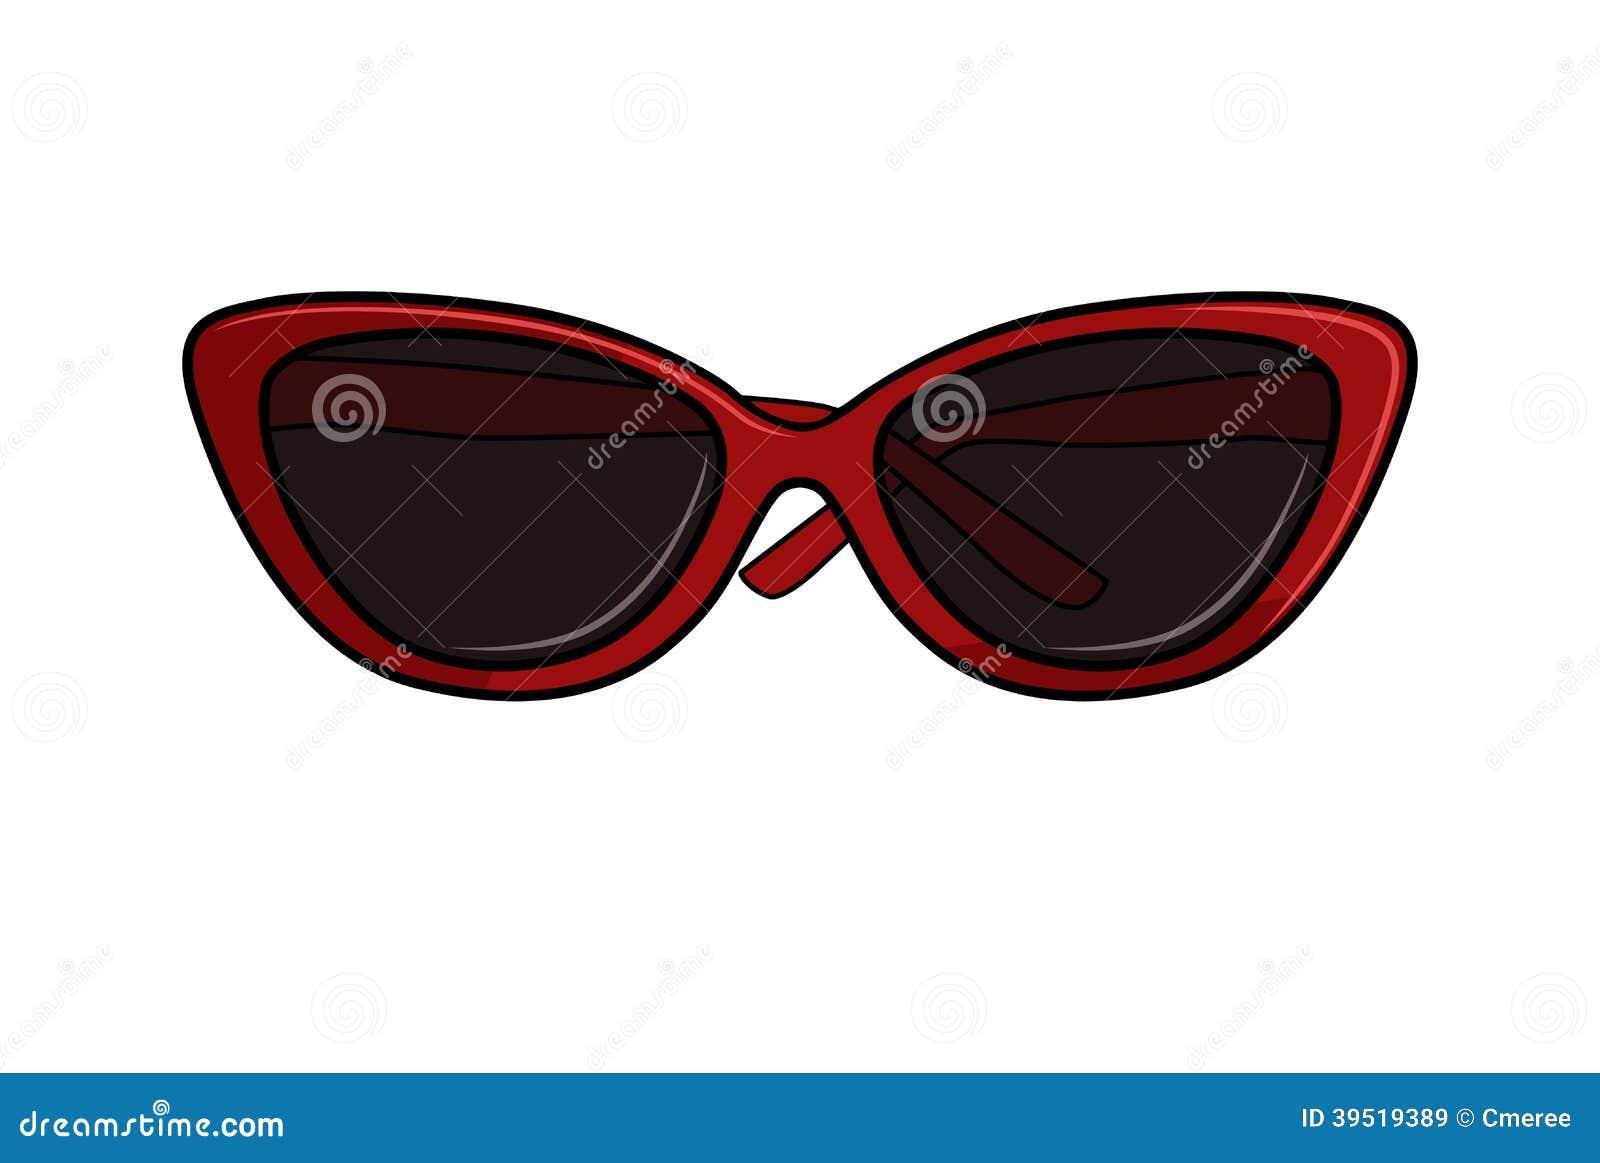 Occhiali da sole illustrazione vettoriale illustrazione for Sole disegno da colorare